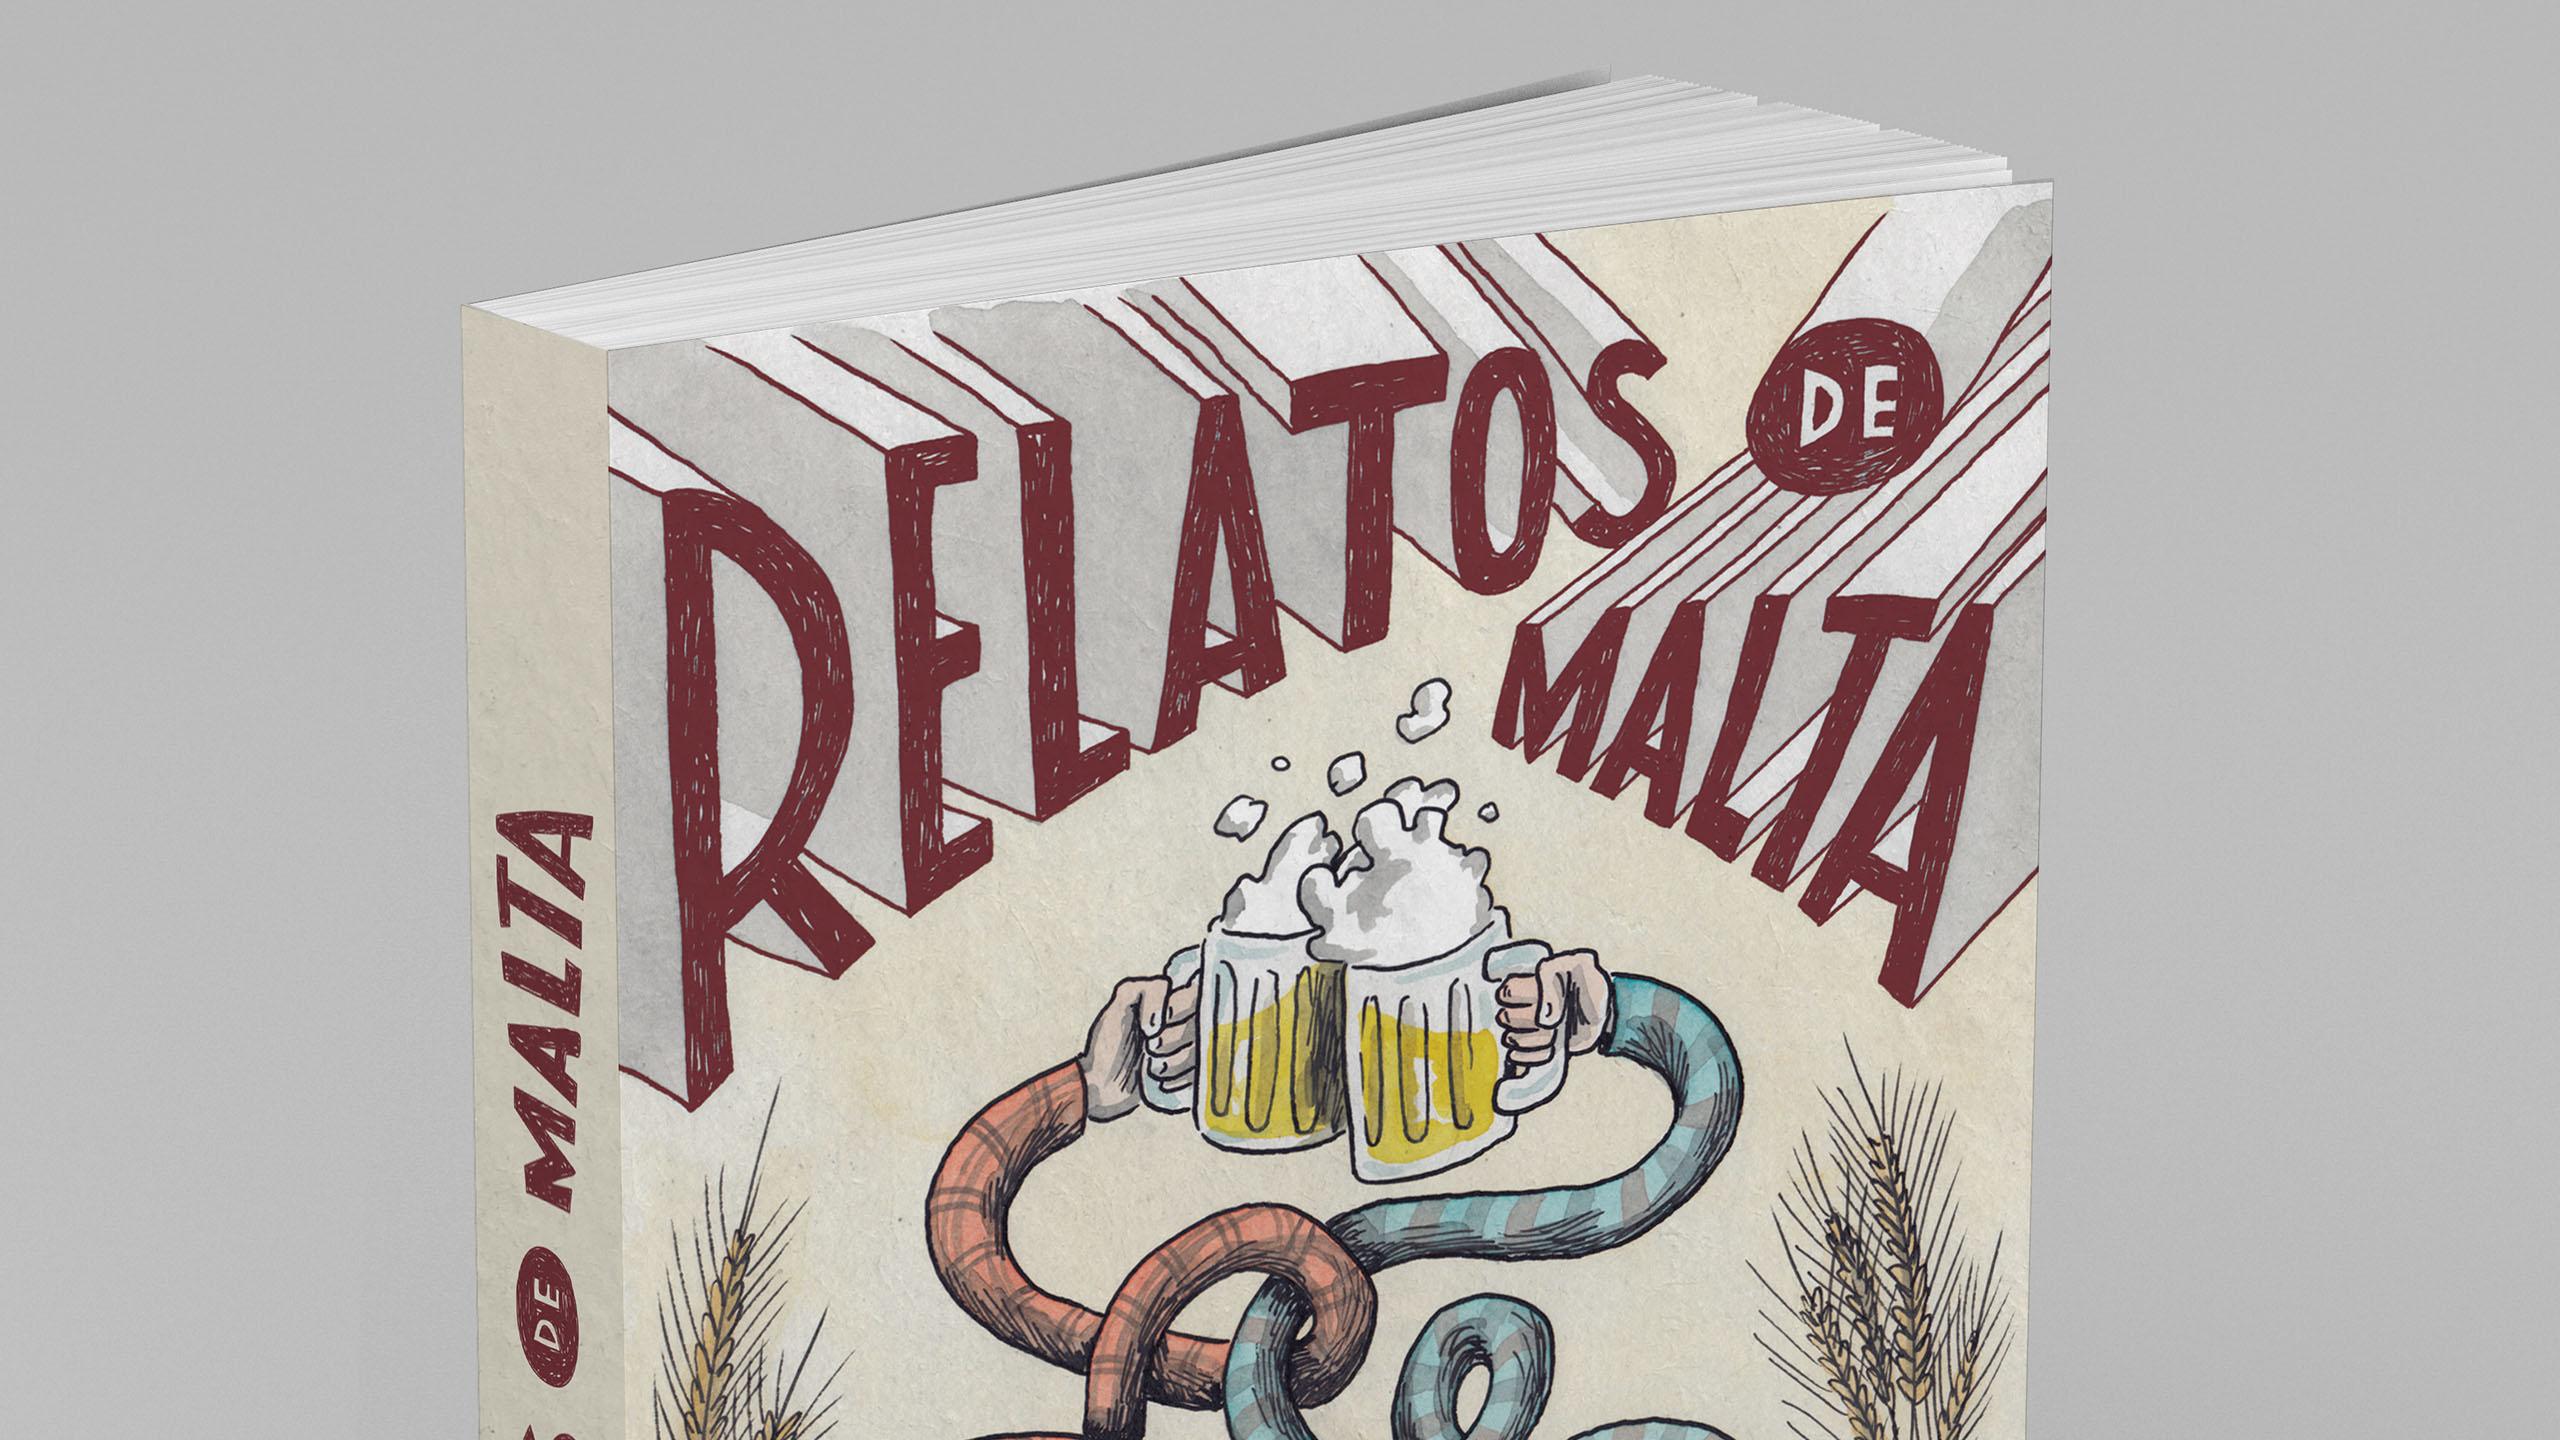 Este es el primer libro en el mundo hecho de malta